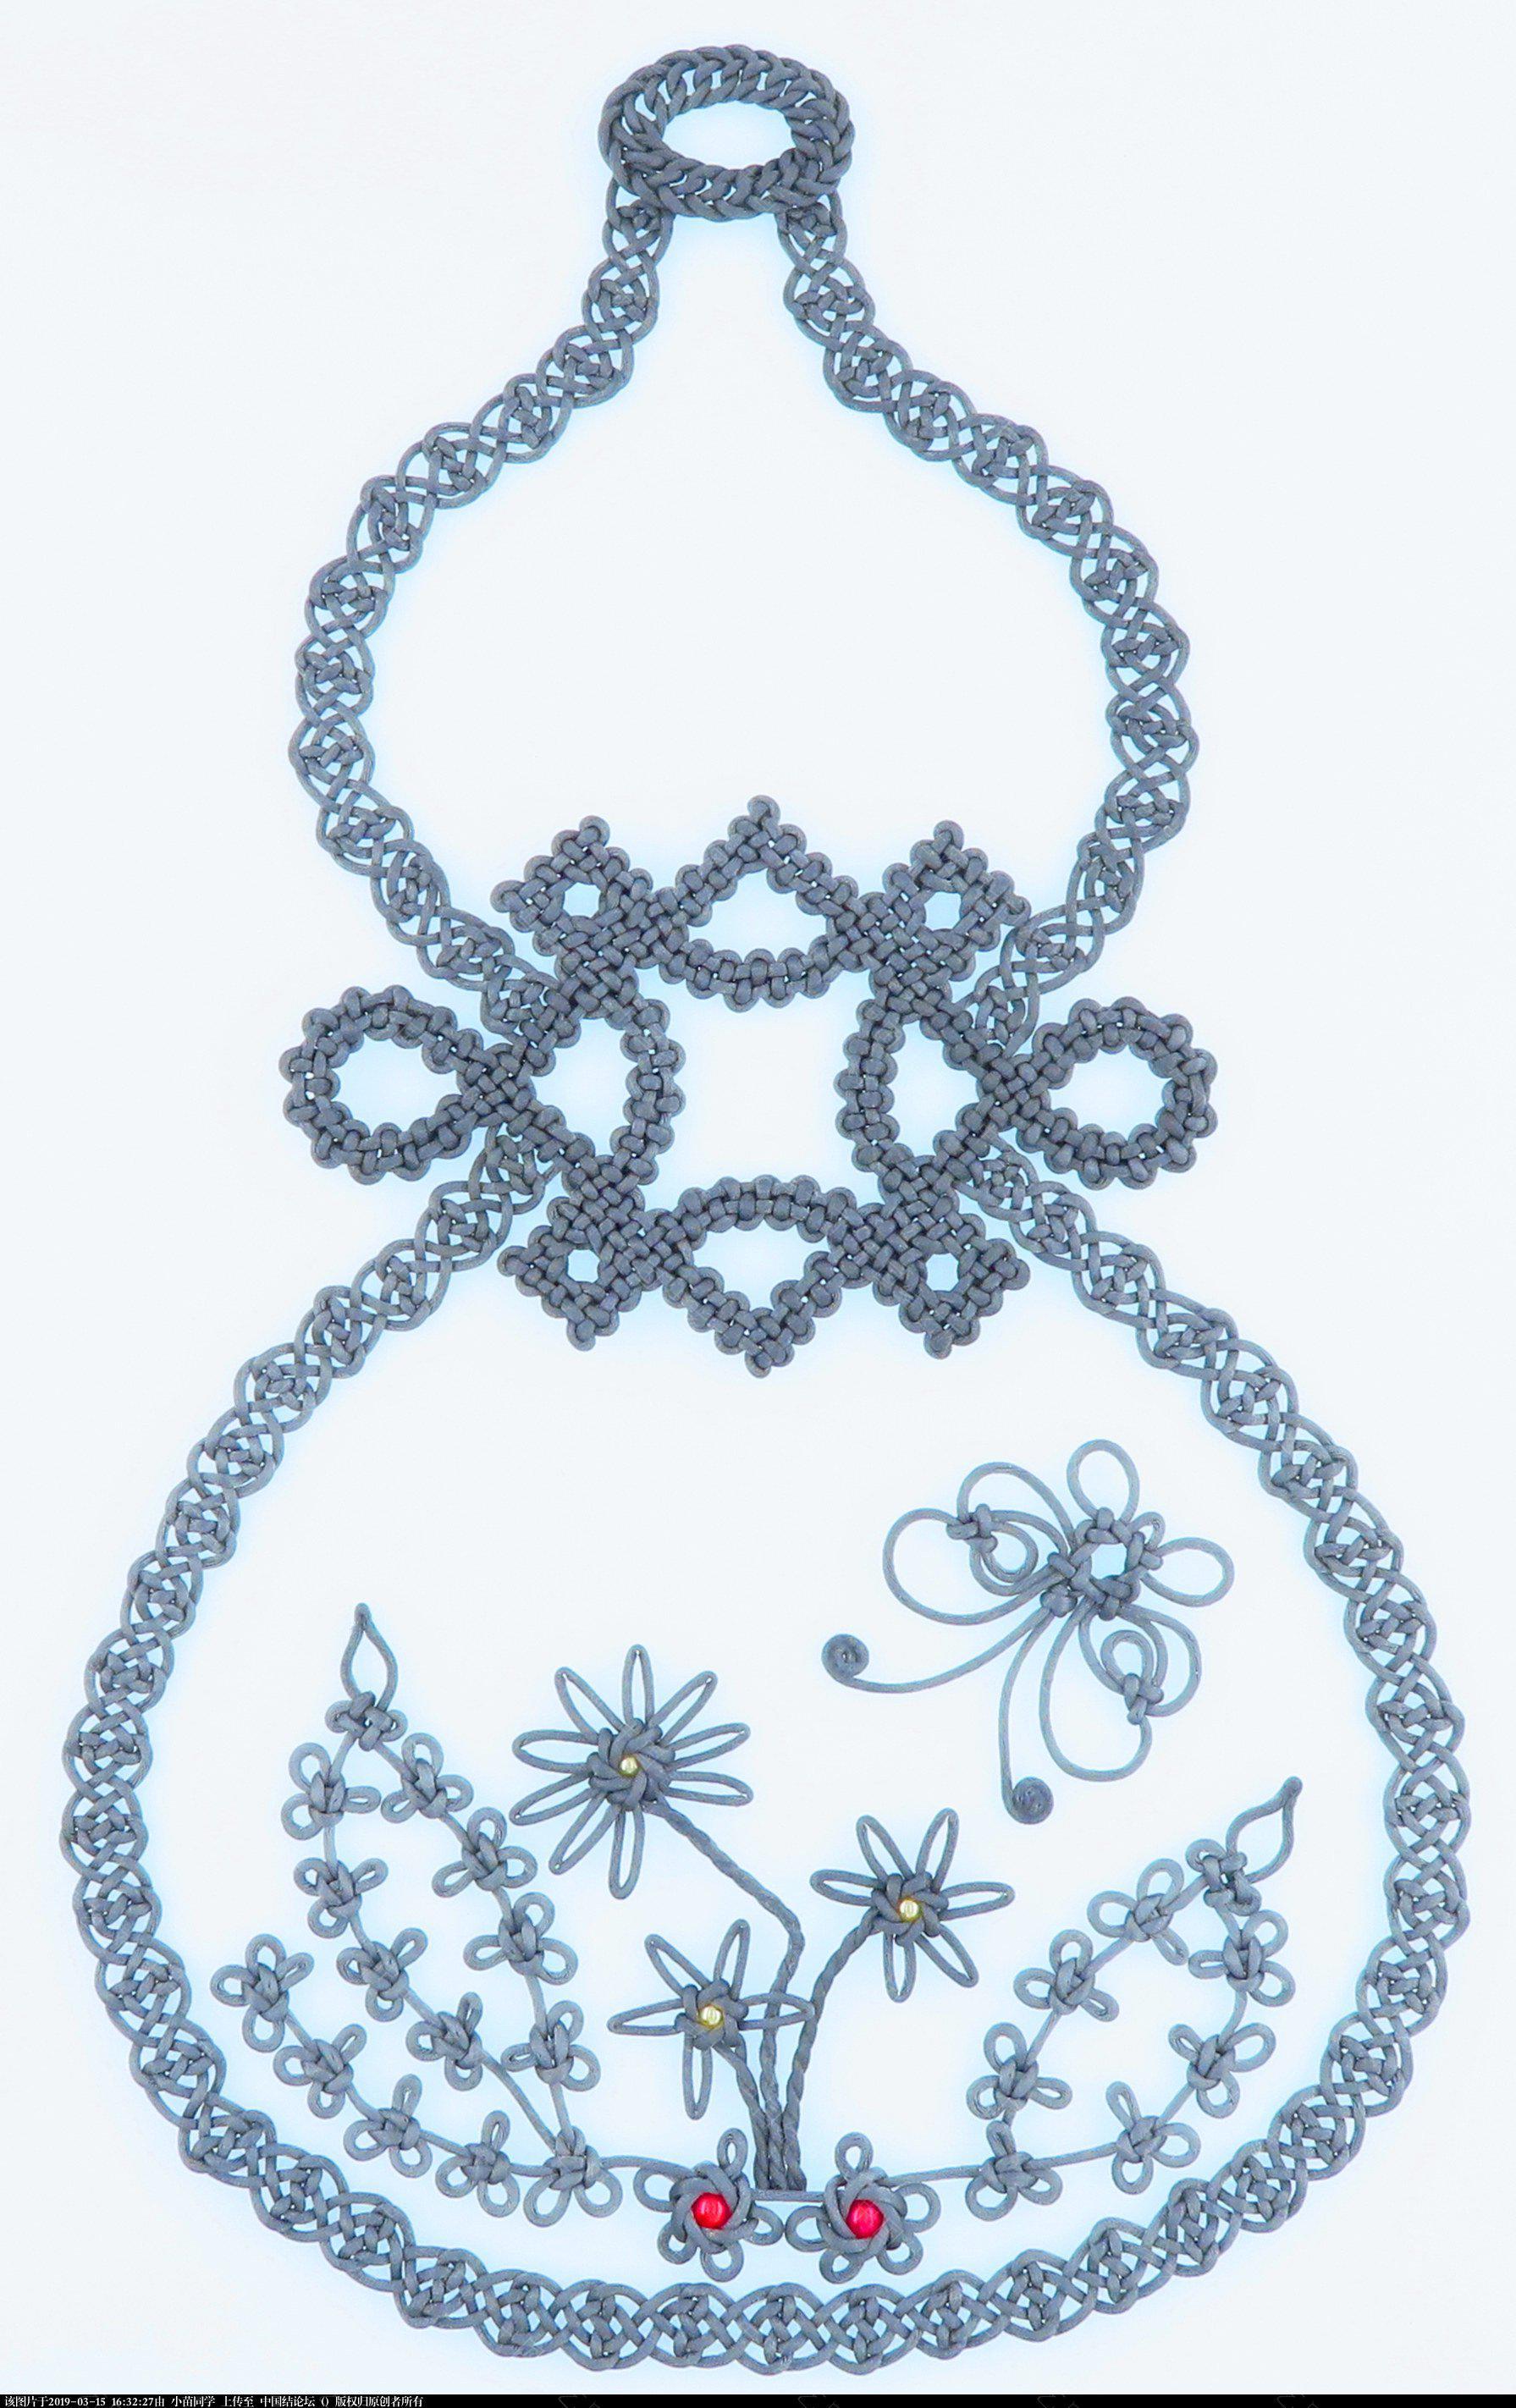 中国结论坛 模仿几何中国结里的葫芦  作品展示 163144oriycrnbyfbyjnyr